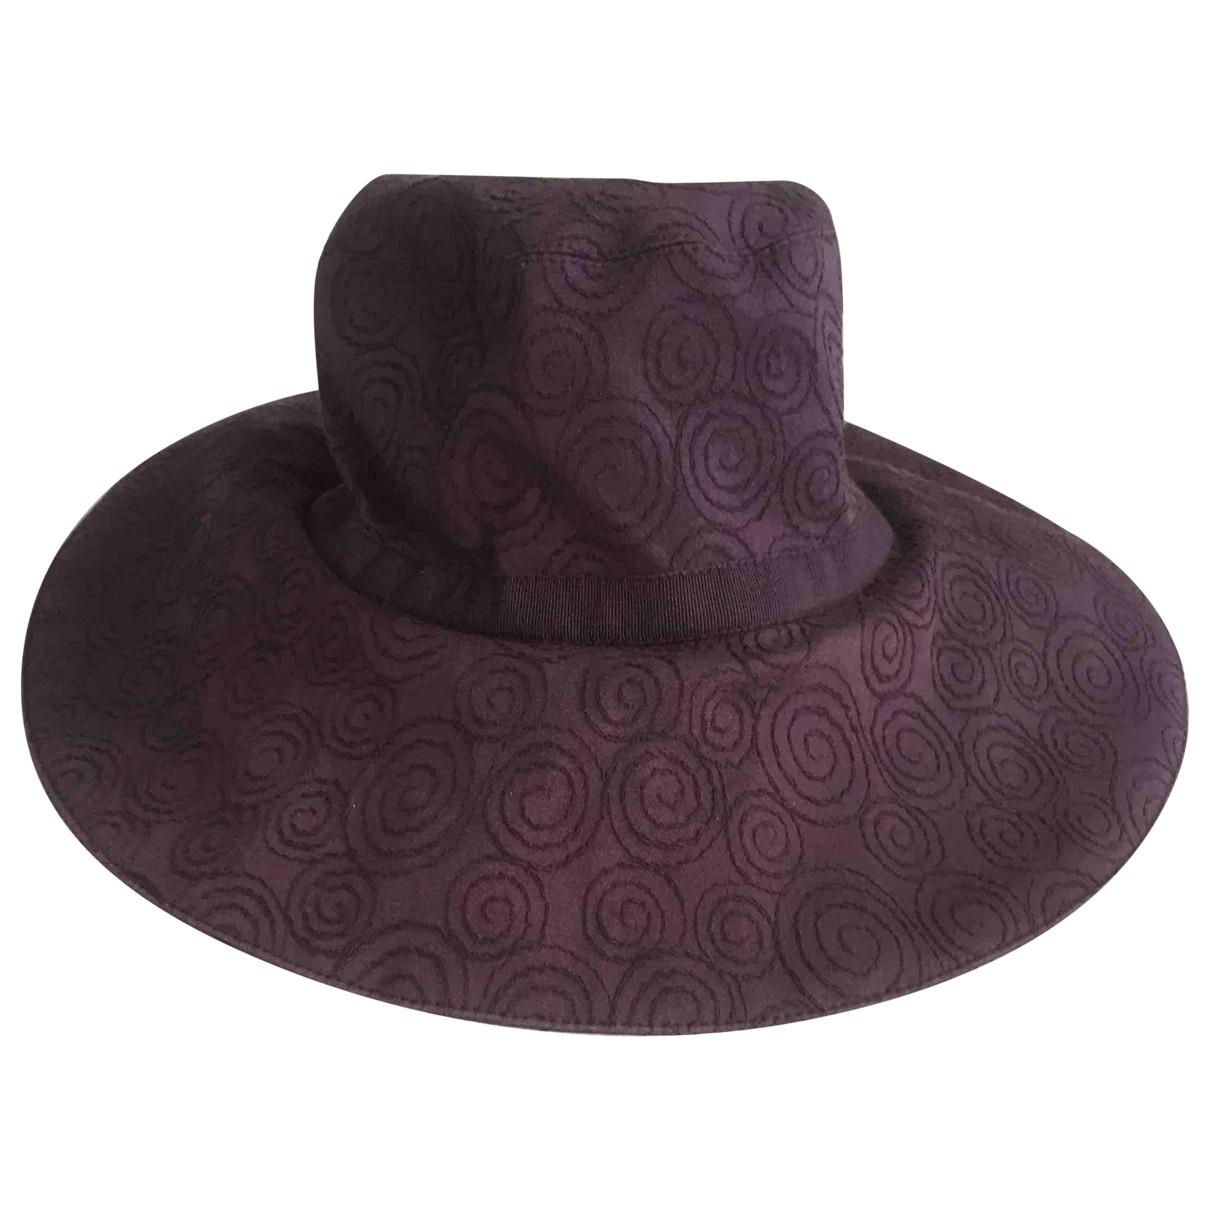 Paule Ka \N Purple Cotton hat for Women M International